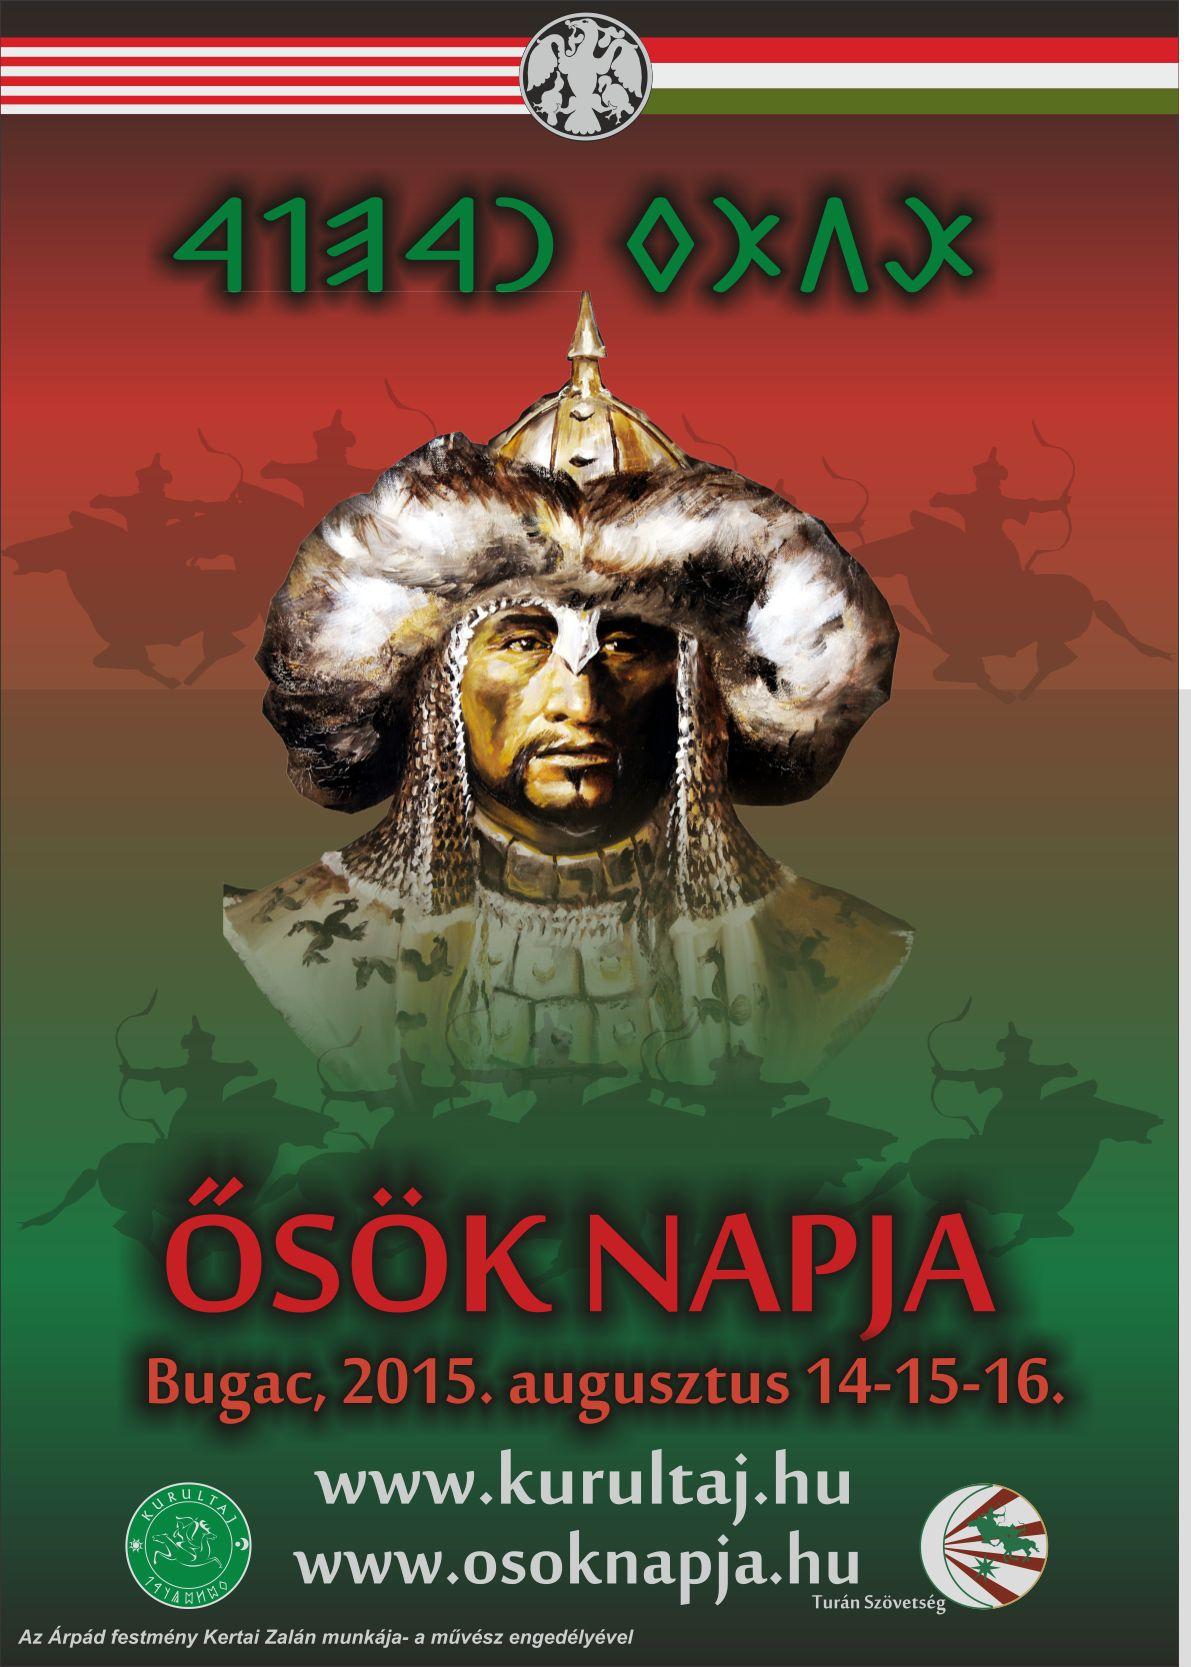 osok napja 2015 hivatalos rgb